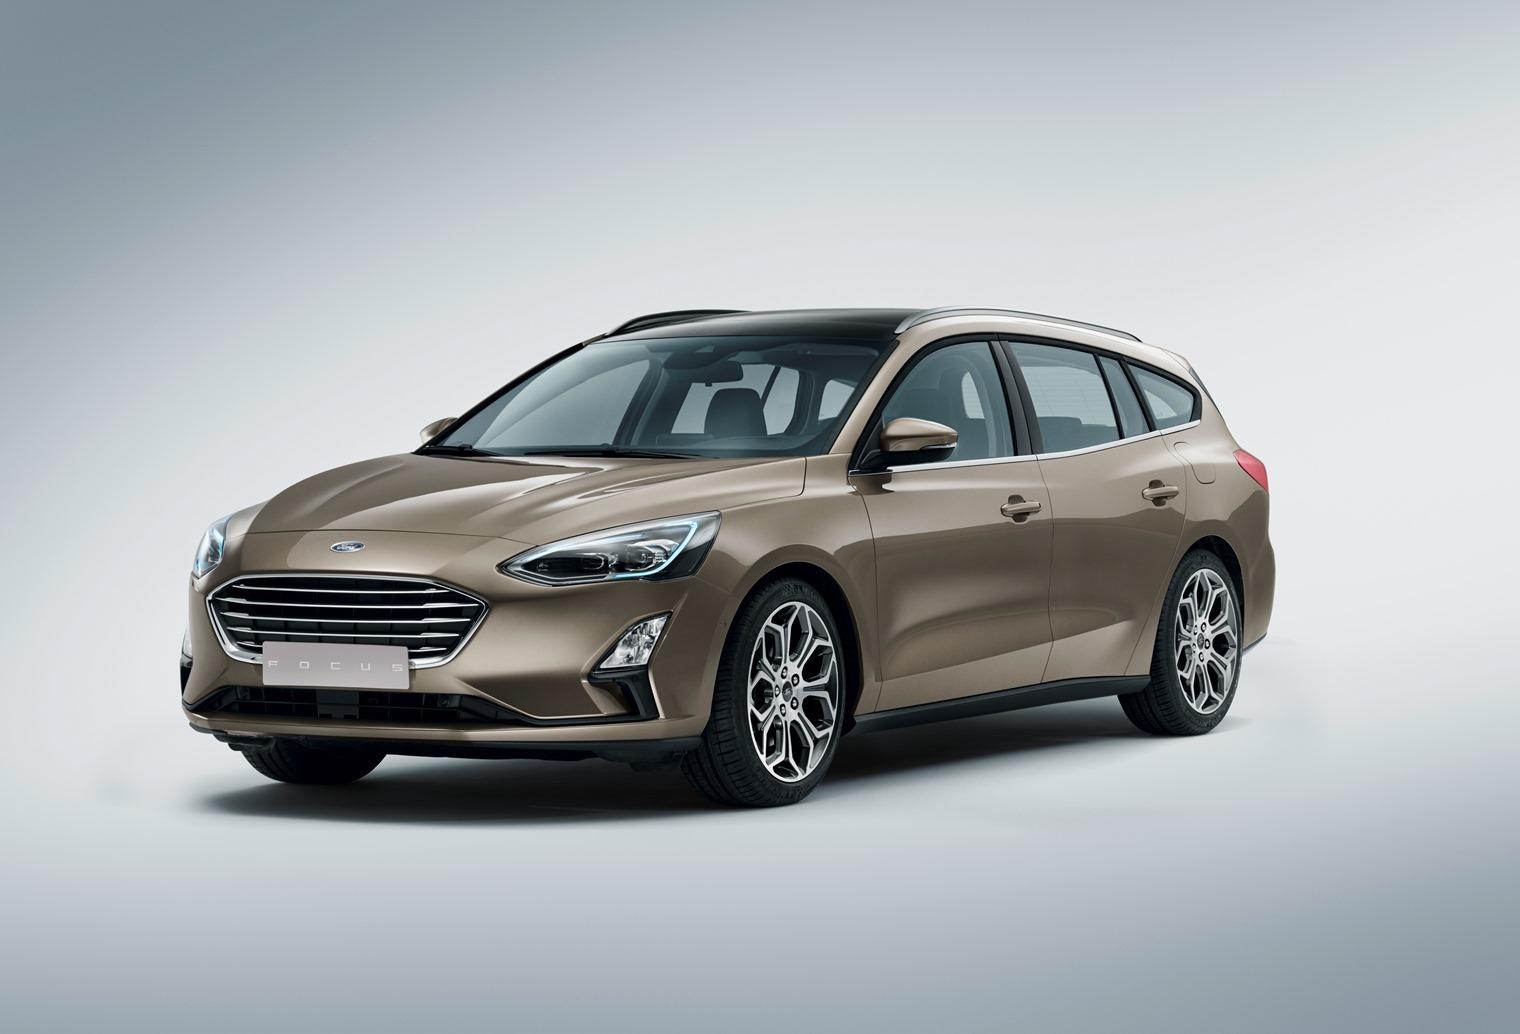 Noul Ford Focus aprilie 2018